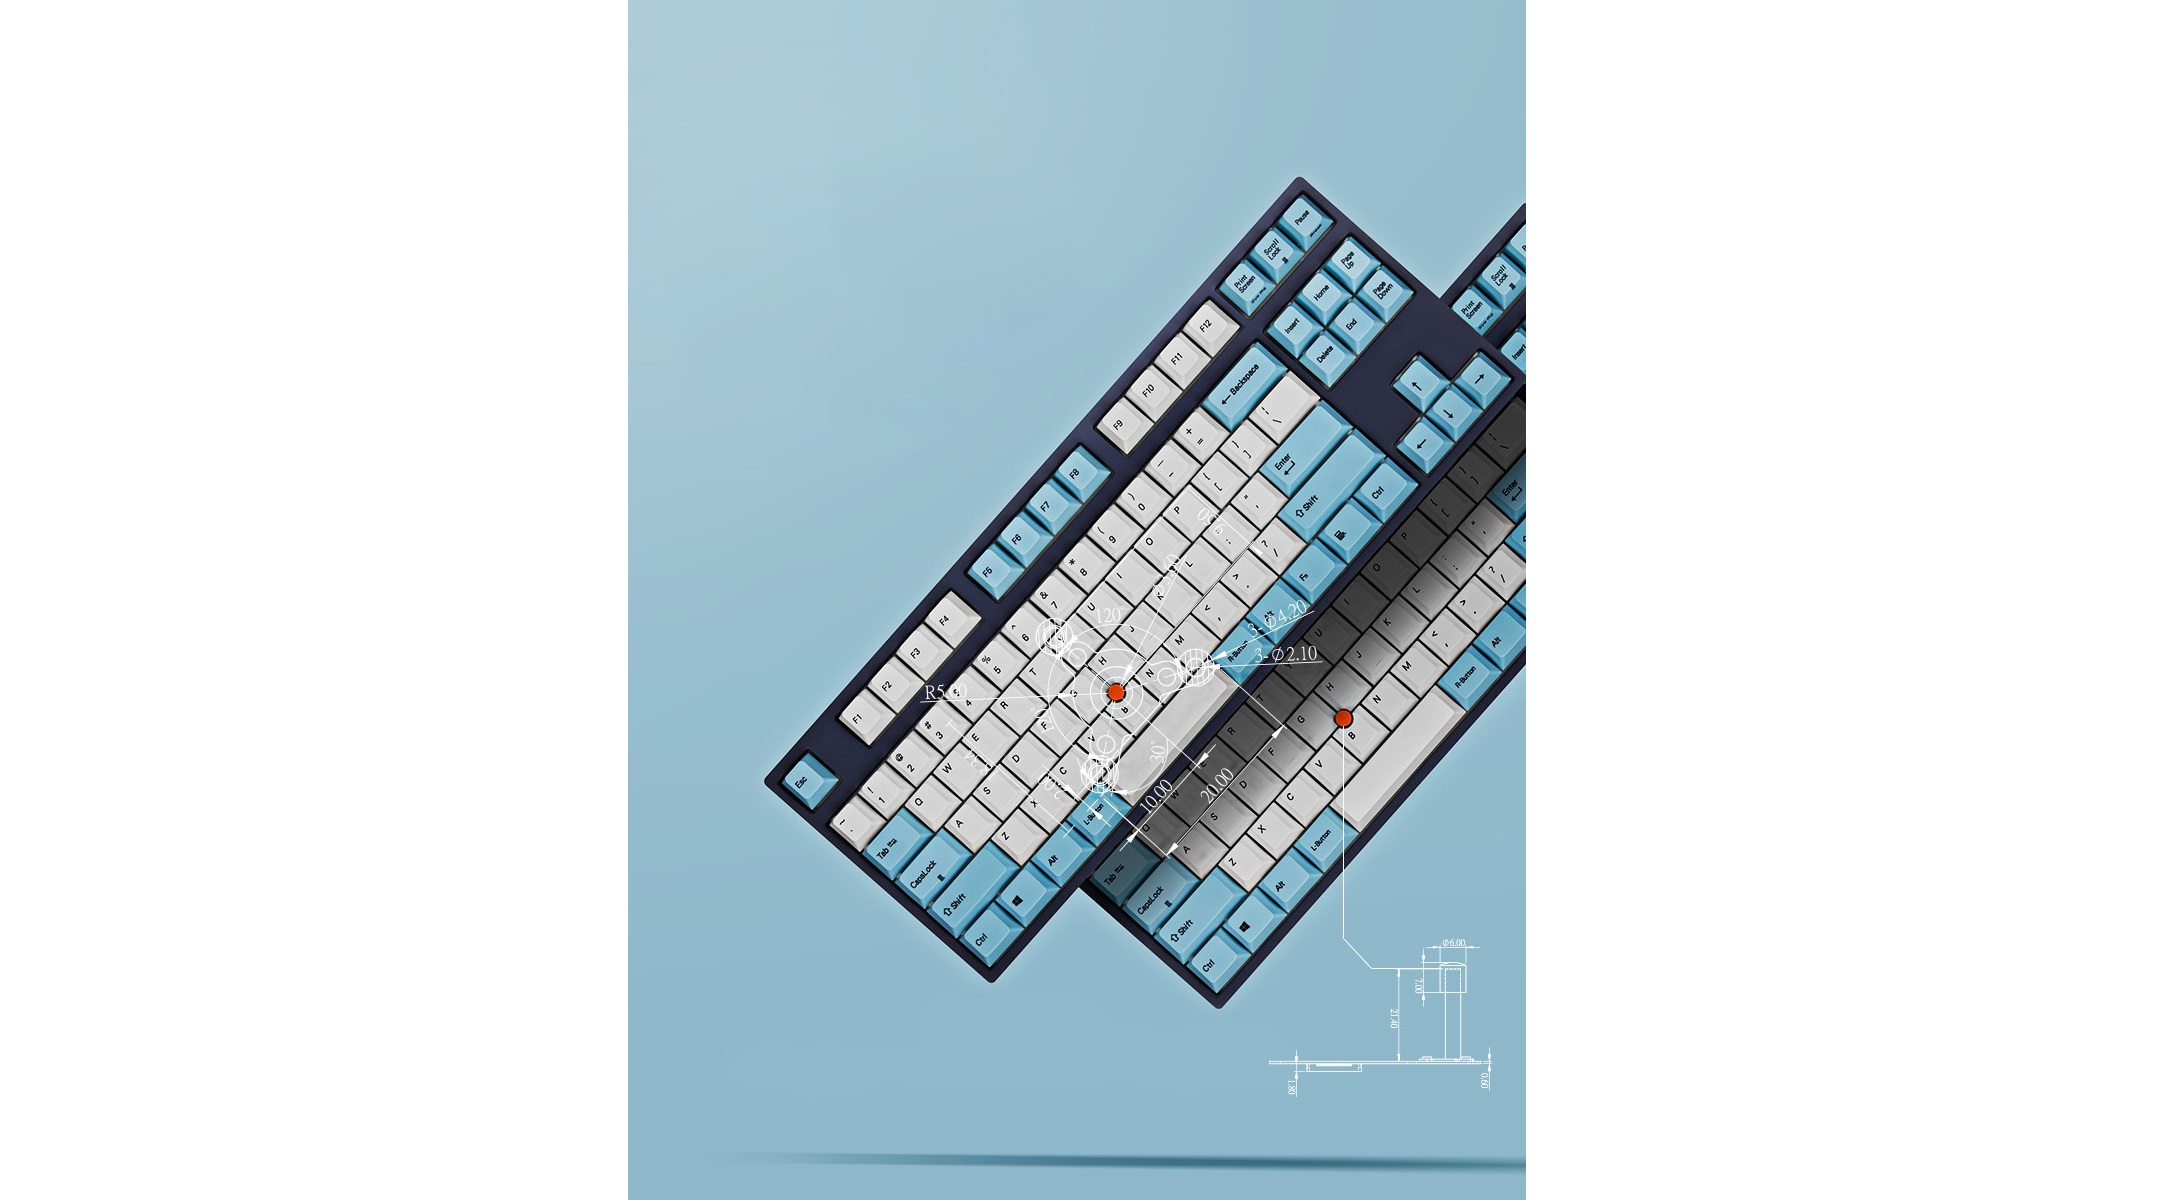 Bàn phím cơ Leopold FC750R SP Brown switch (White Skyblue) sử dụng bộ keycap đặc trưng của leopold